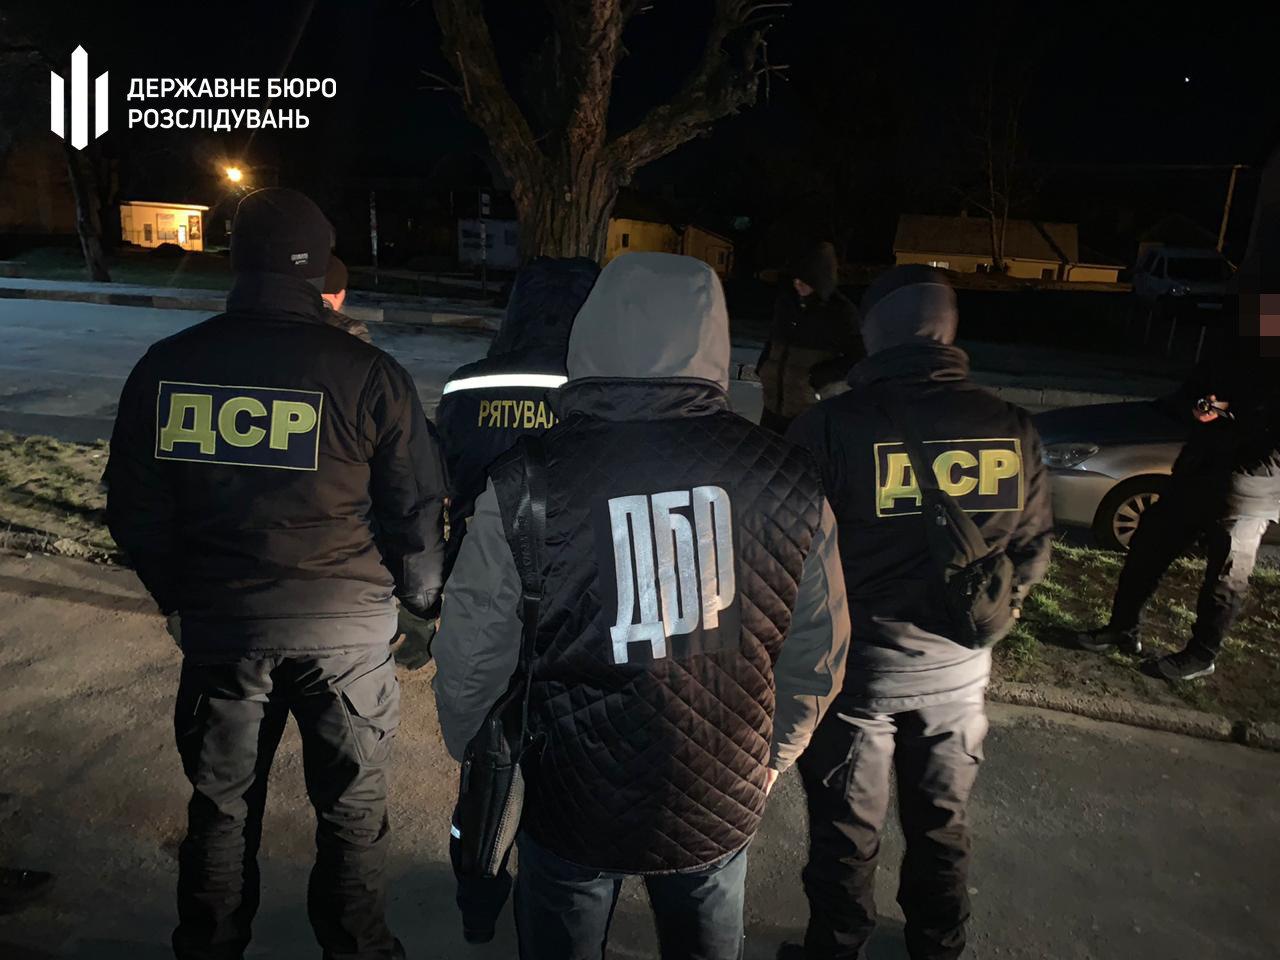 За вимагання хабара працівник ДСНС постане перед судом — хмельницькі правоохоронці , фото-3